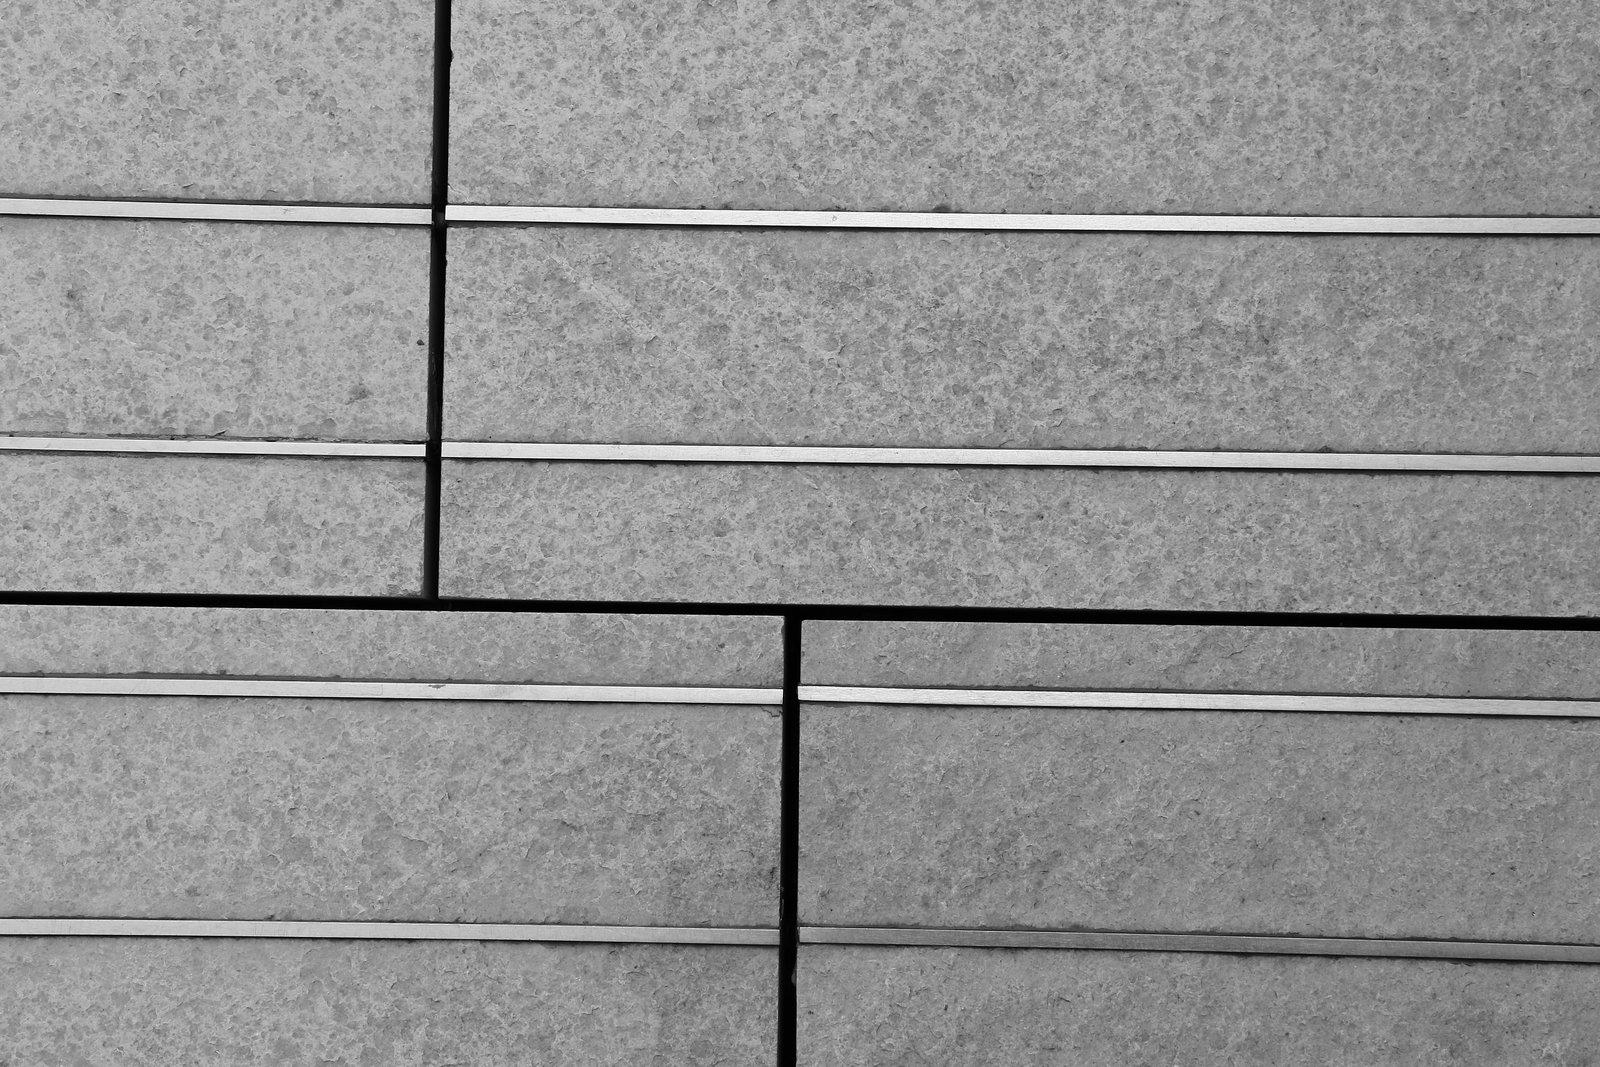 Floor in Louis Vuitton Foundation Paris